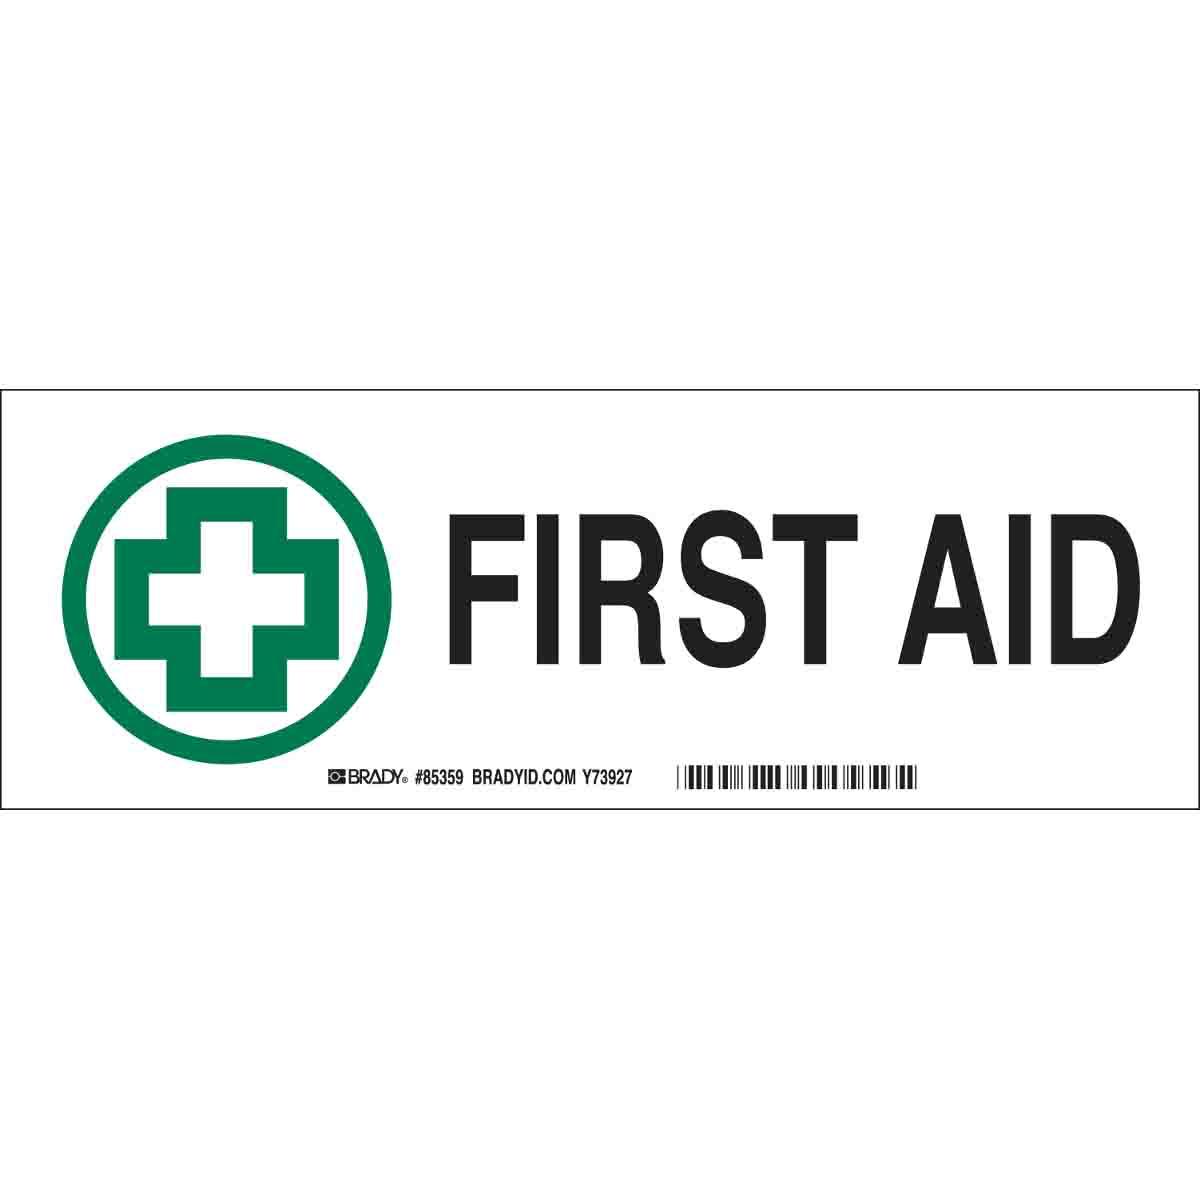 BRADY 85359 FIRST AID STICKERS(S209931)